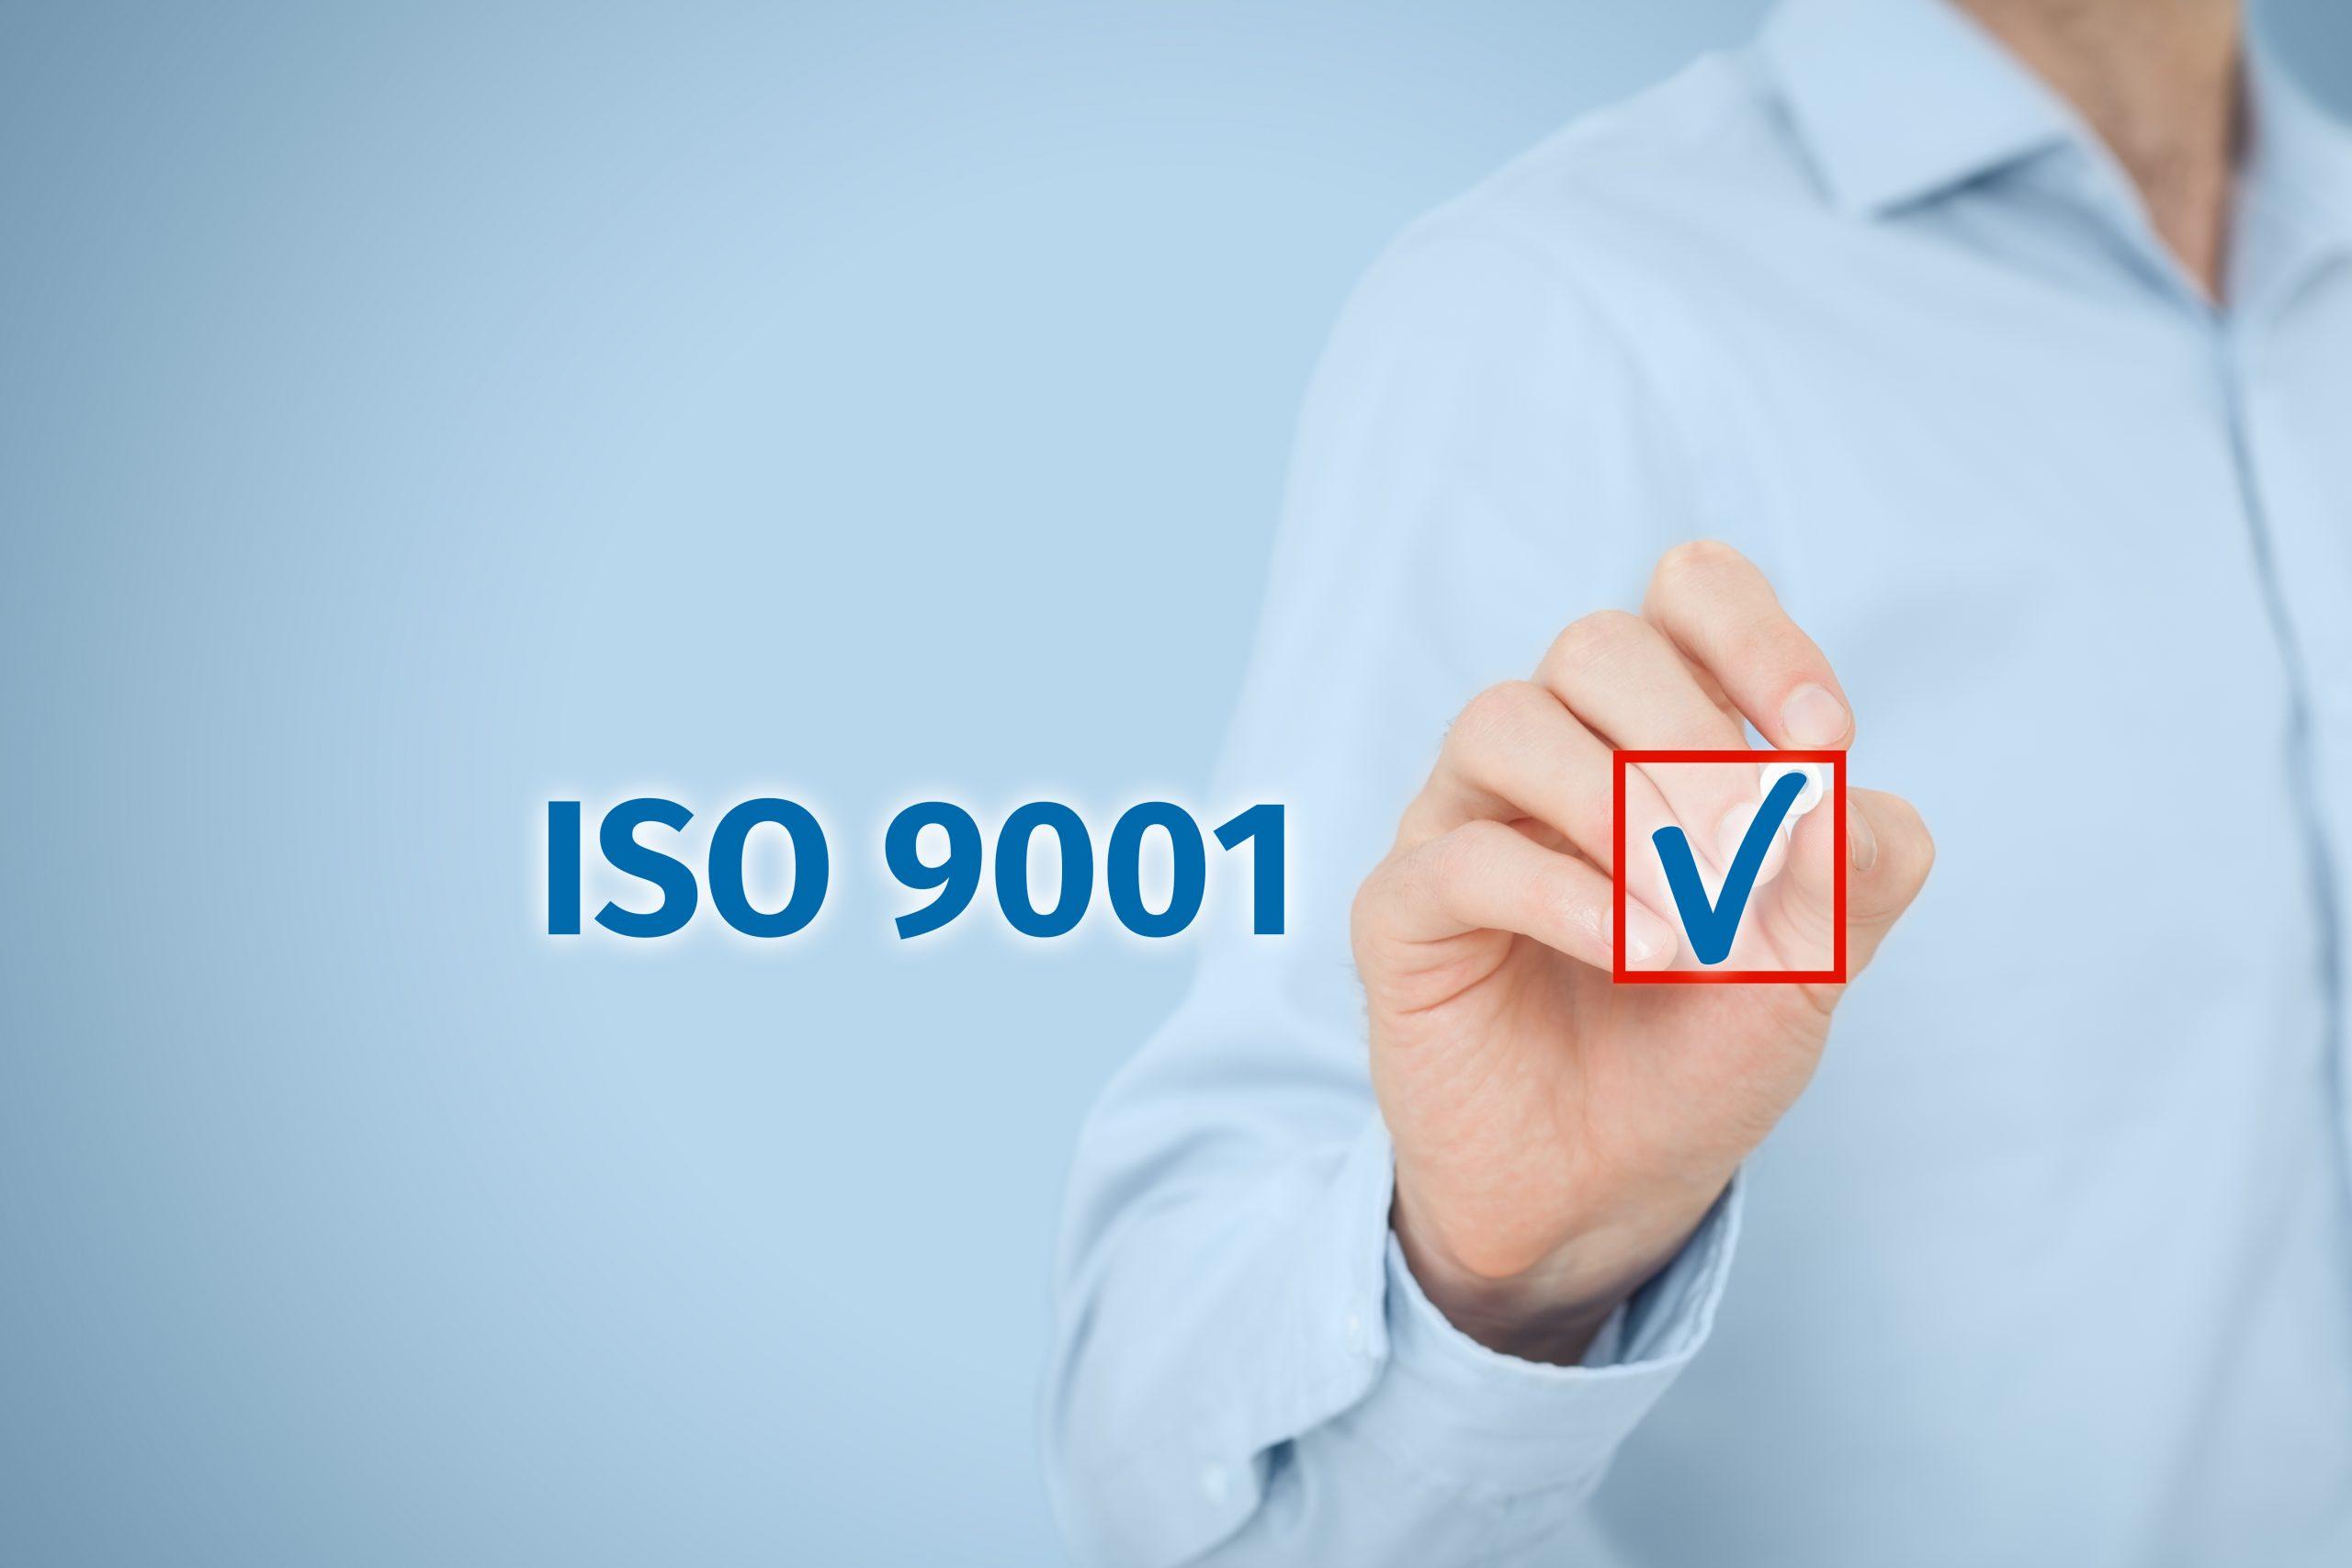 Aké výhody vám prinesie certifikácia výrobkov alebo služieb?